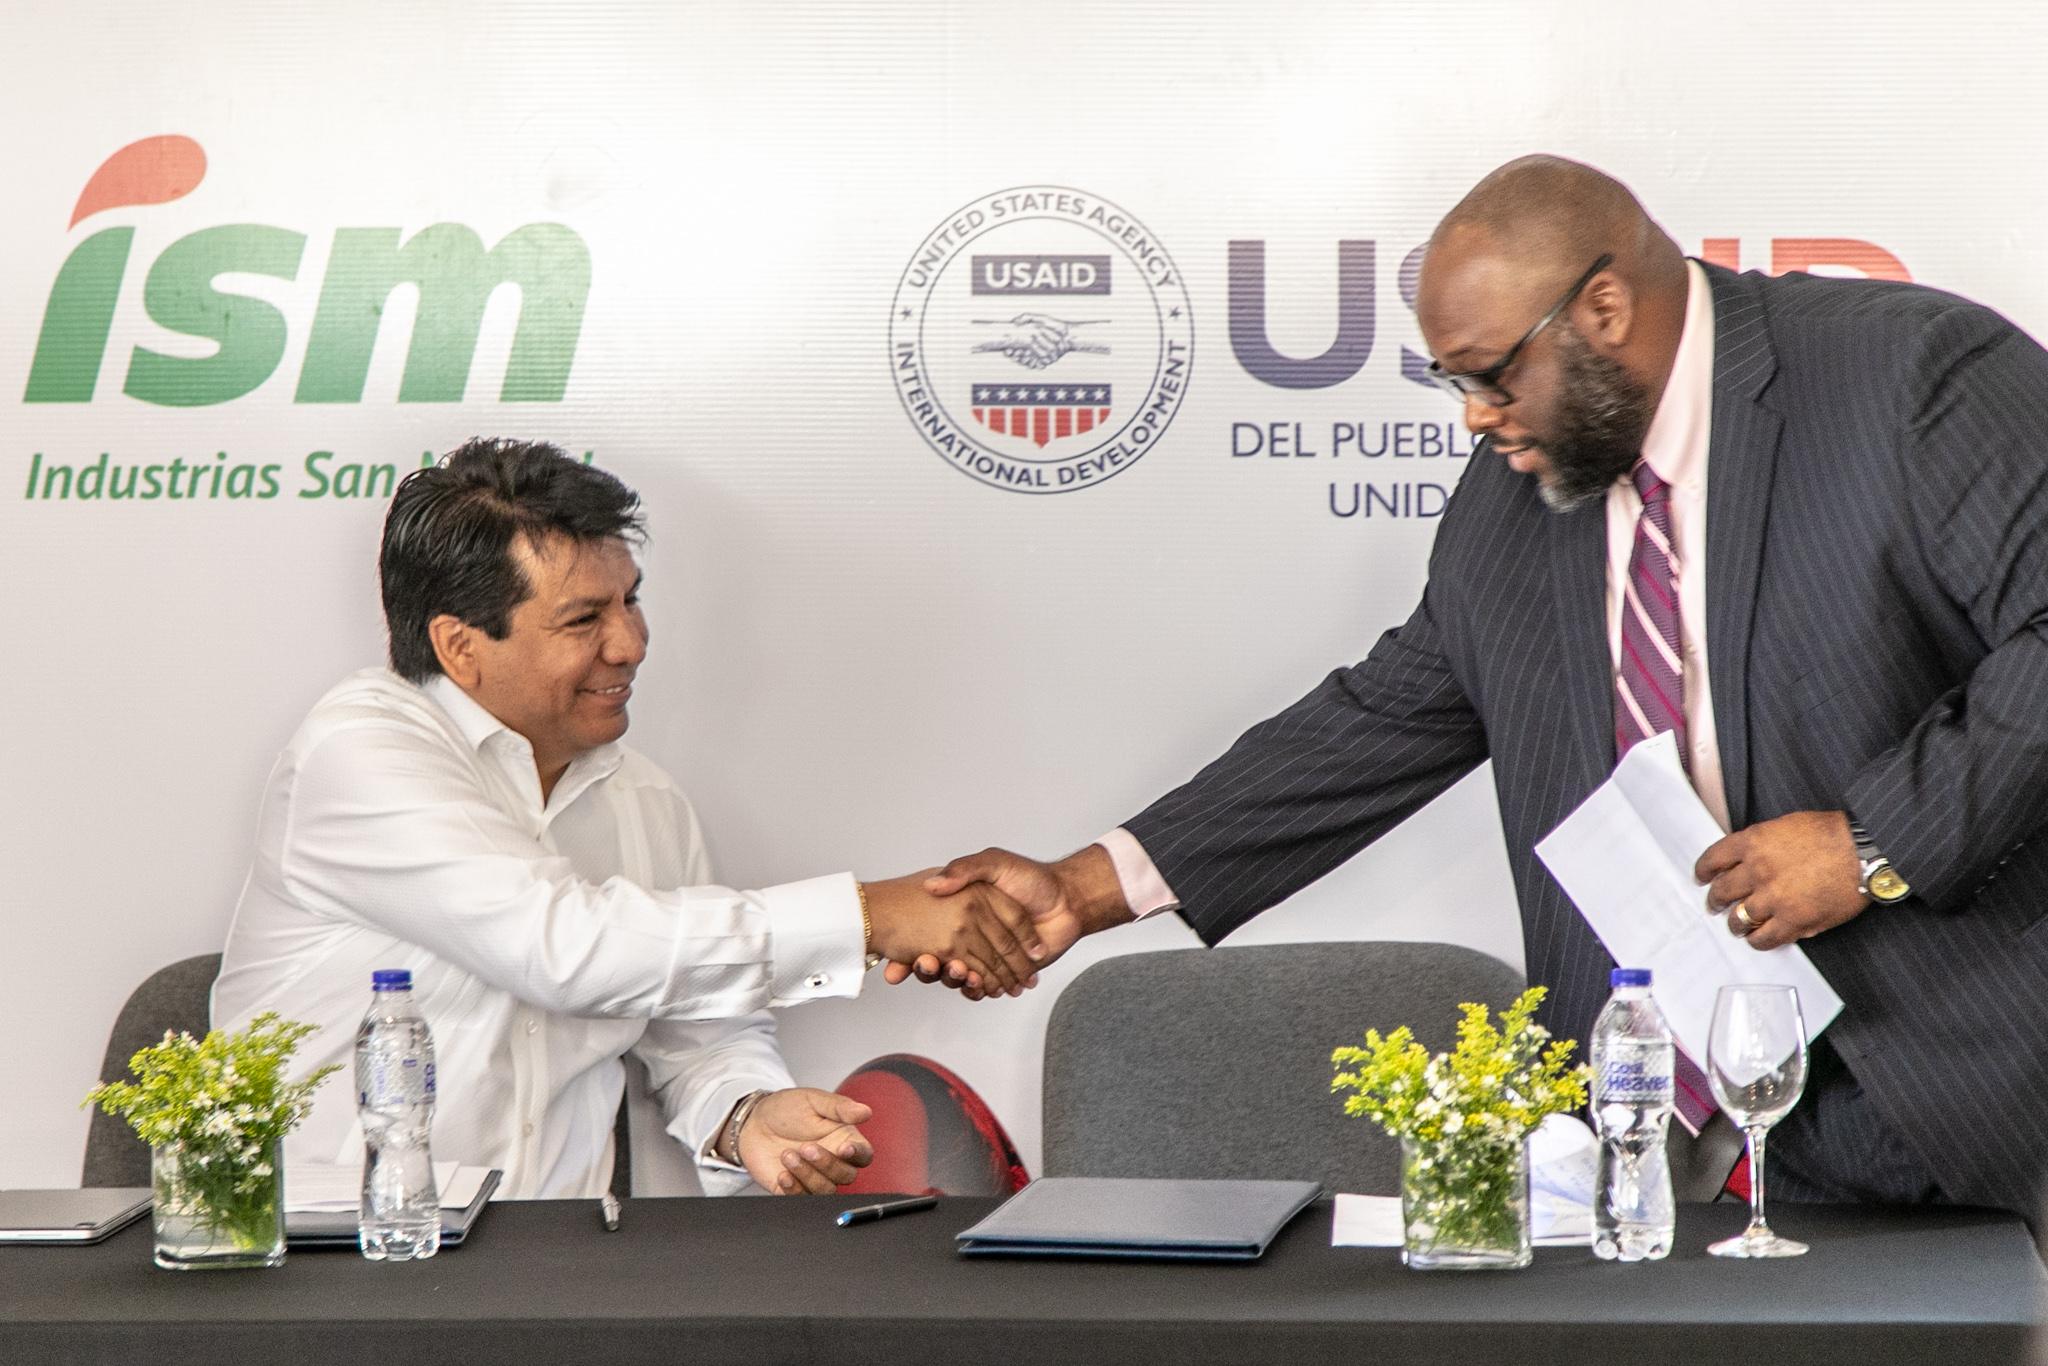 Industrias San Miguel firma acuerdo con USAID